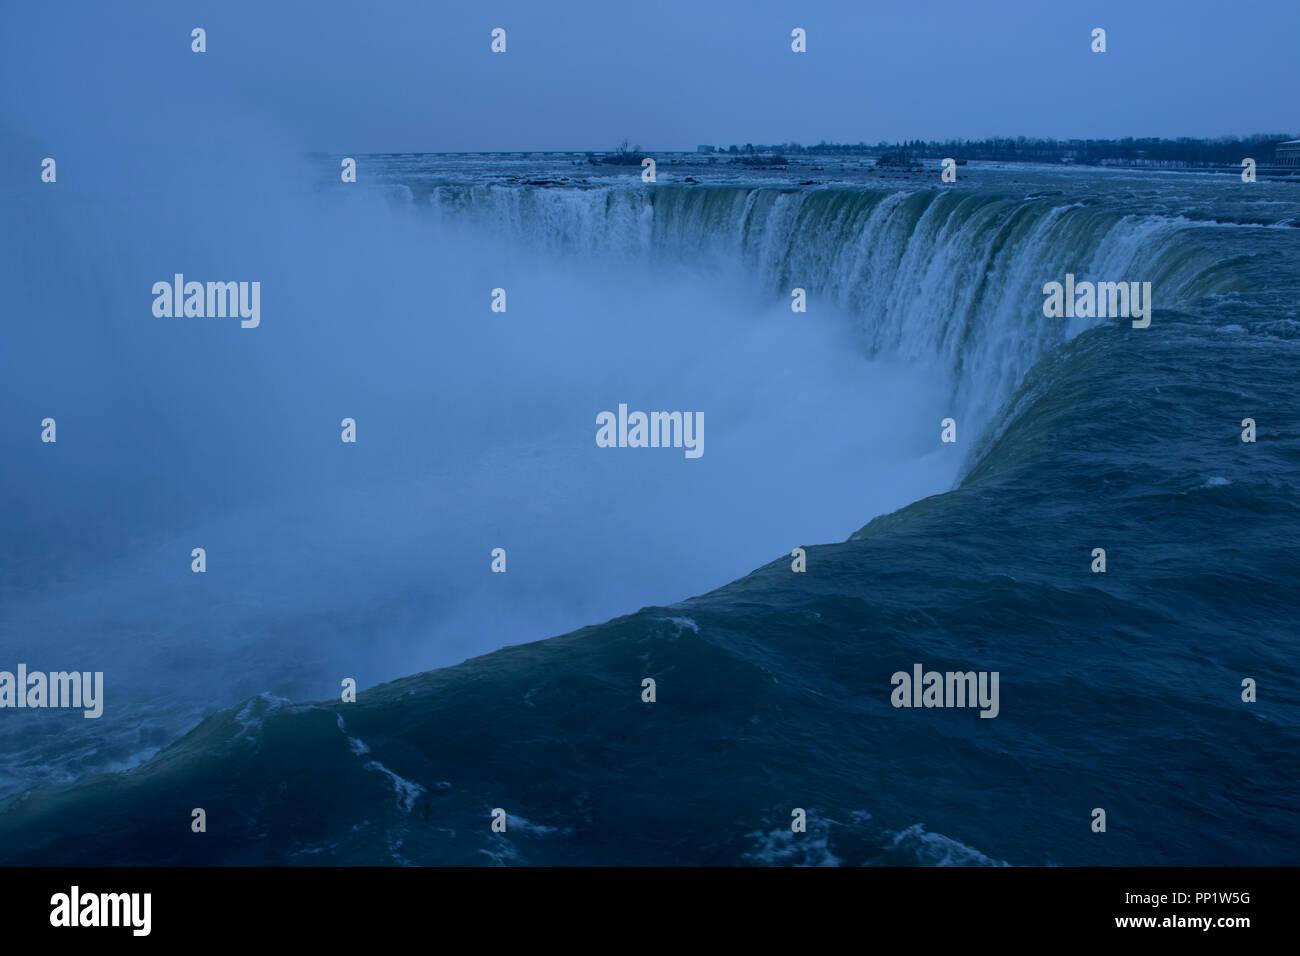 Niagara Falls Antenne zoomen Sie auf einen Panoramablick auf eine beeindruckende Wasserfall. Stockbild